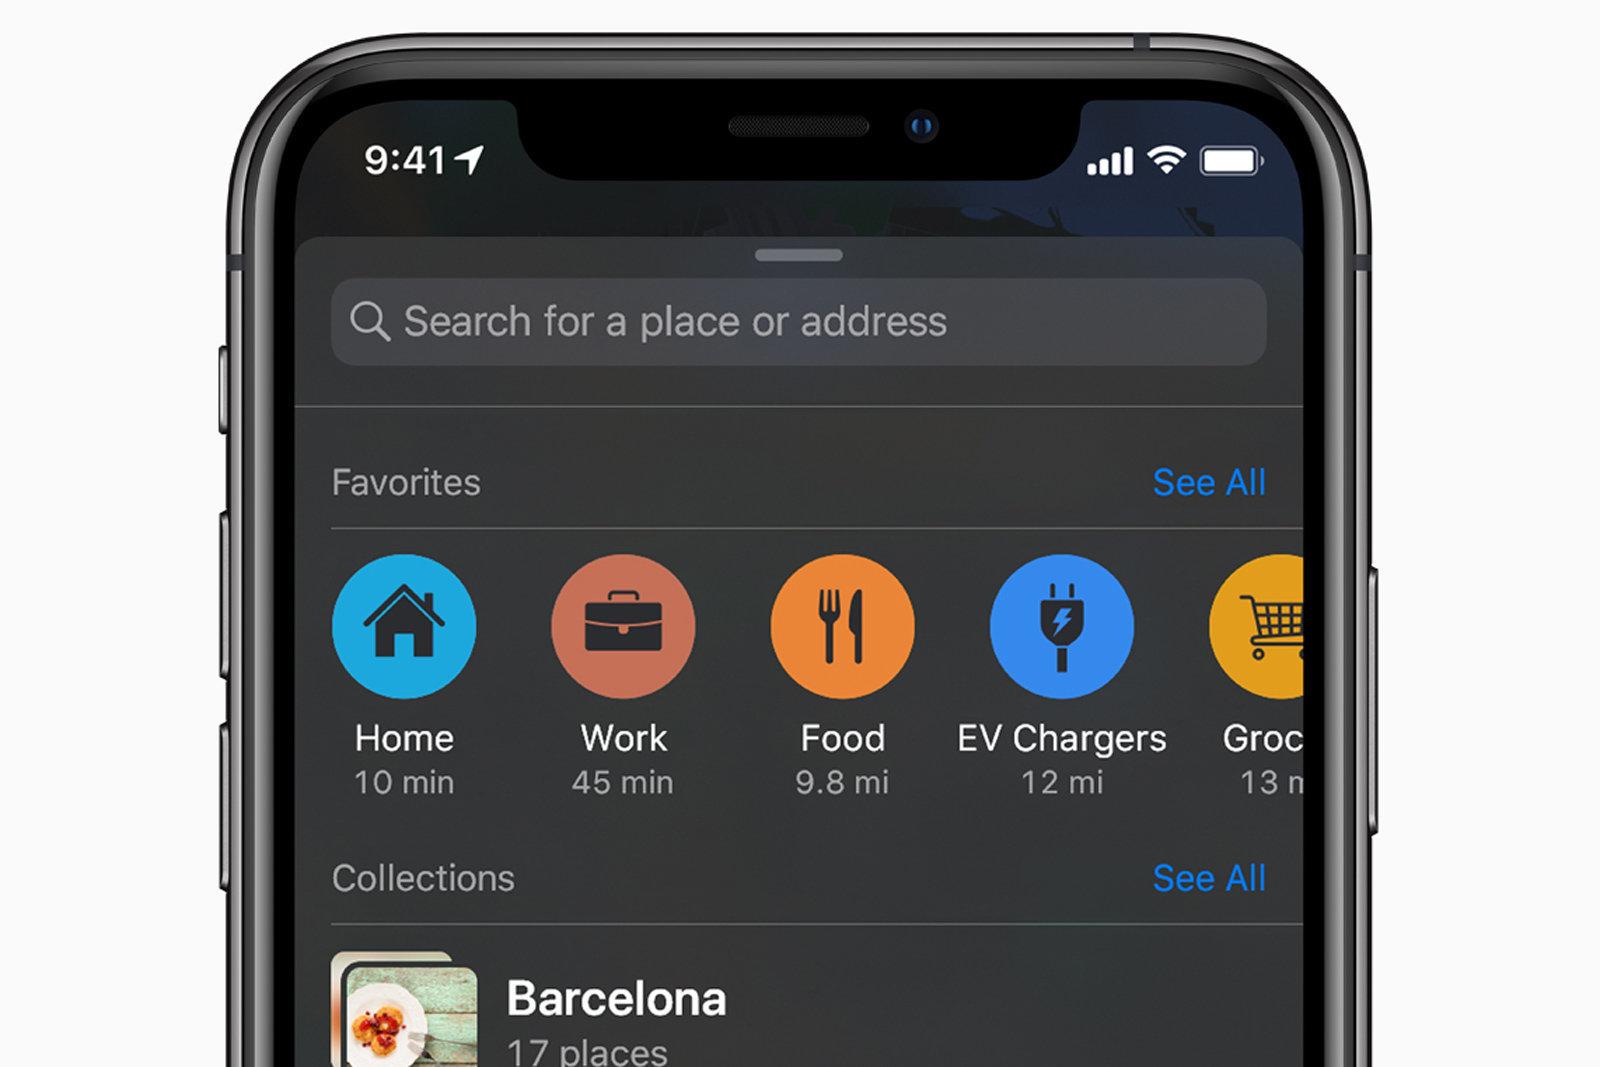 اپل نسخههای بتا سیستم عاملهای جدید دستگاههای خود را در اختیار عموم قرار میدهد